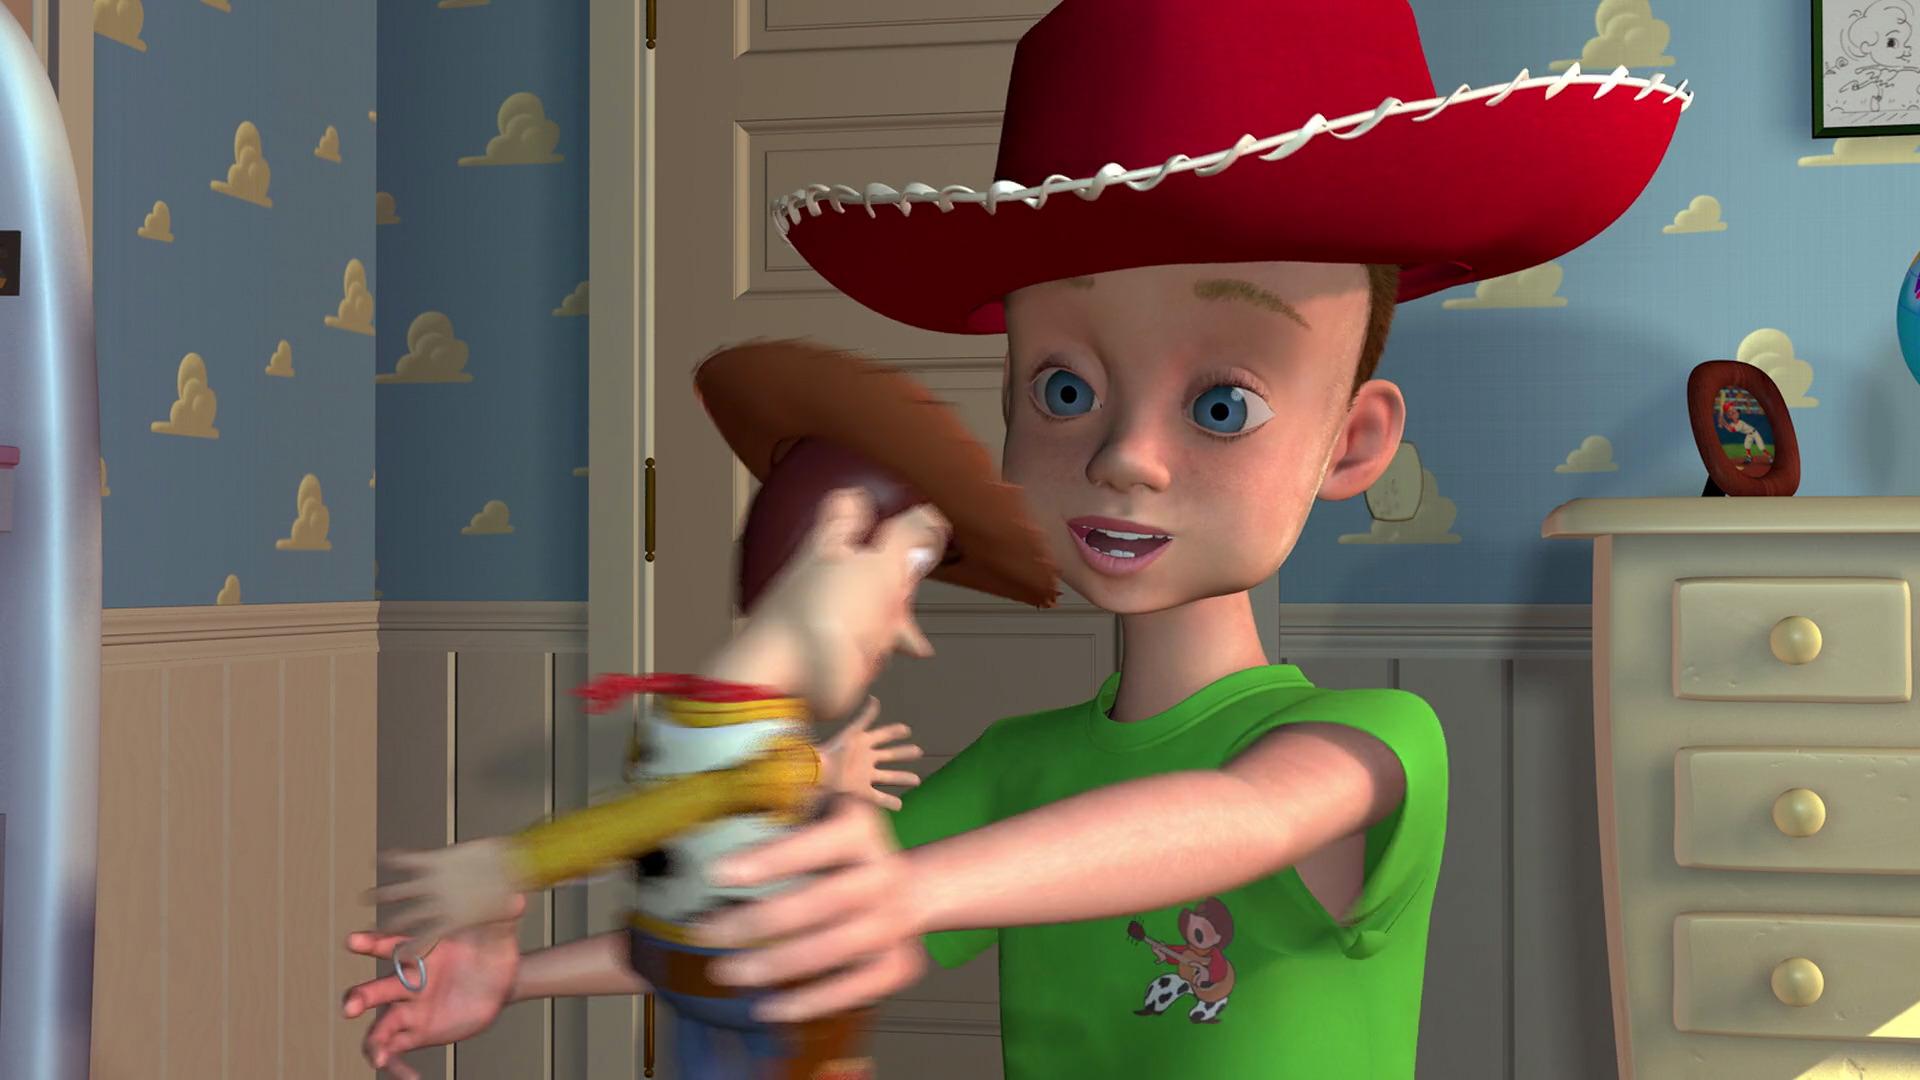 Disney Toy Story 4 Andy : Andy davis toy story wiki fandom powered by wikia